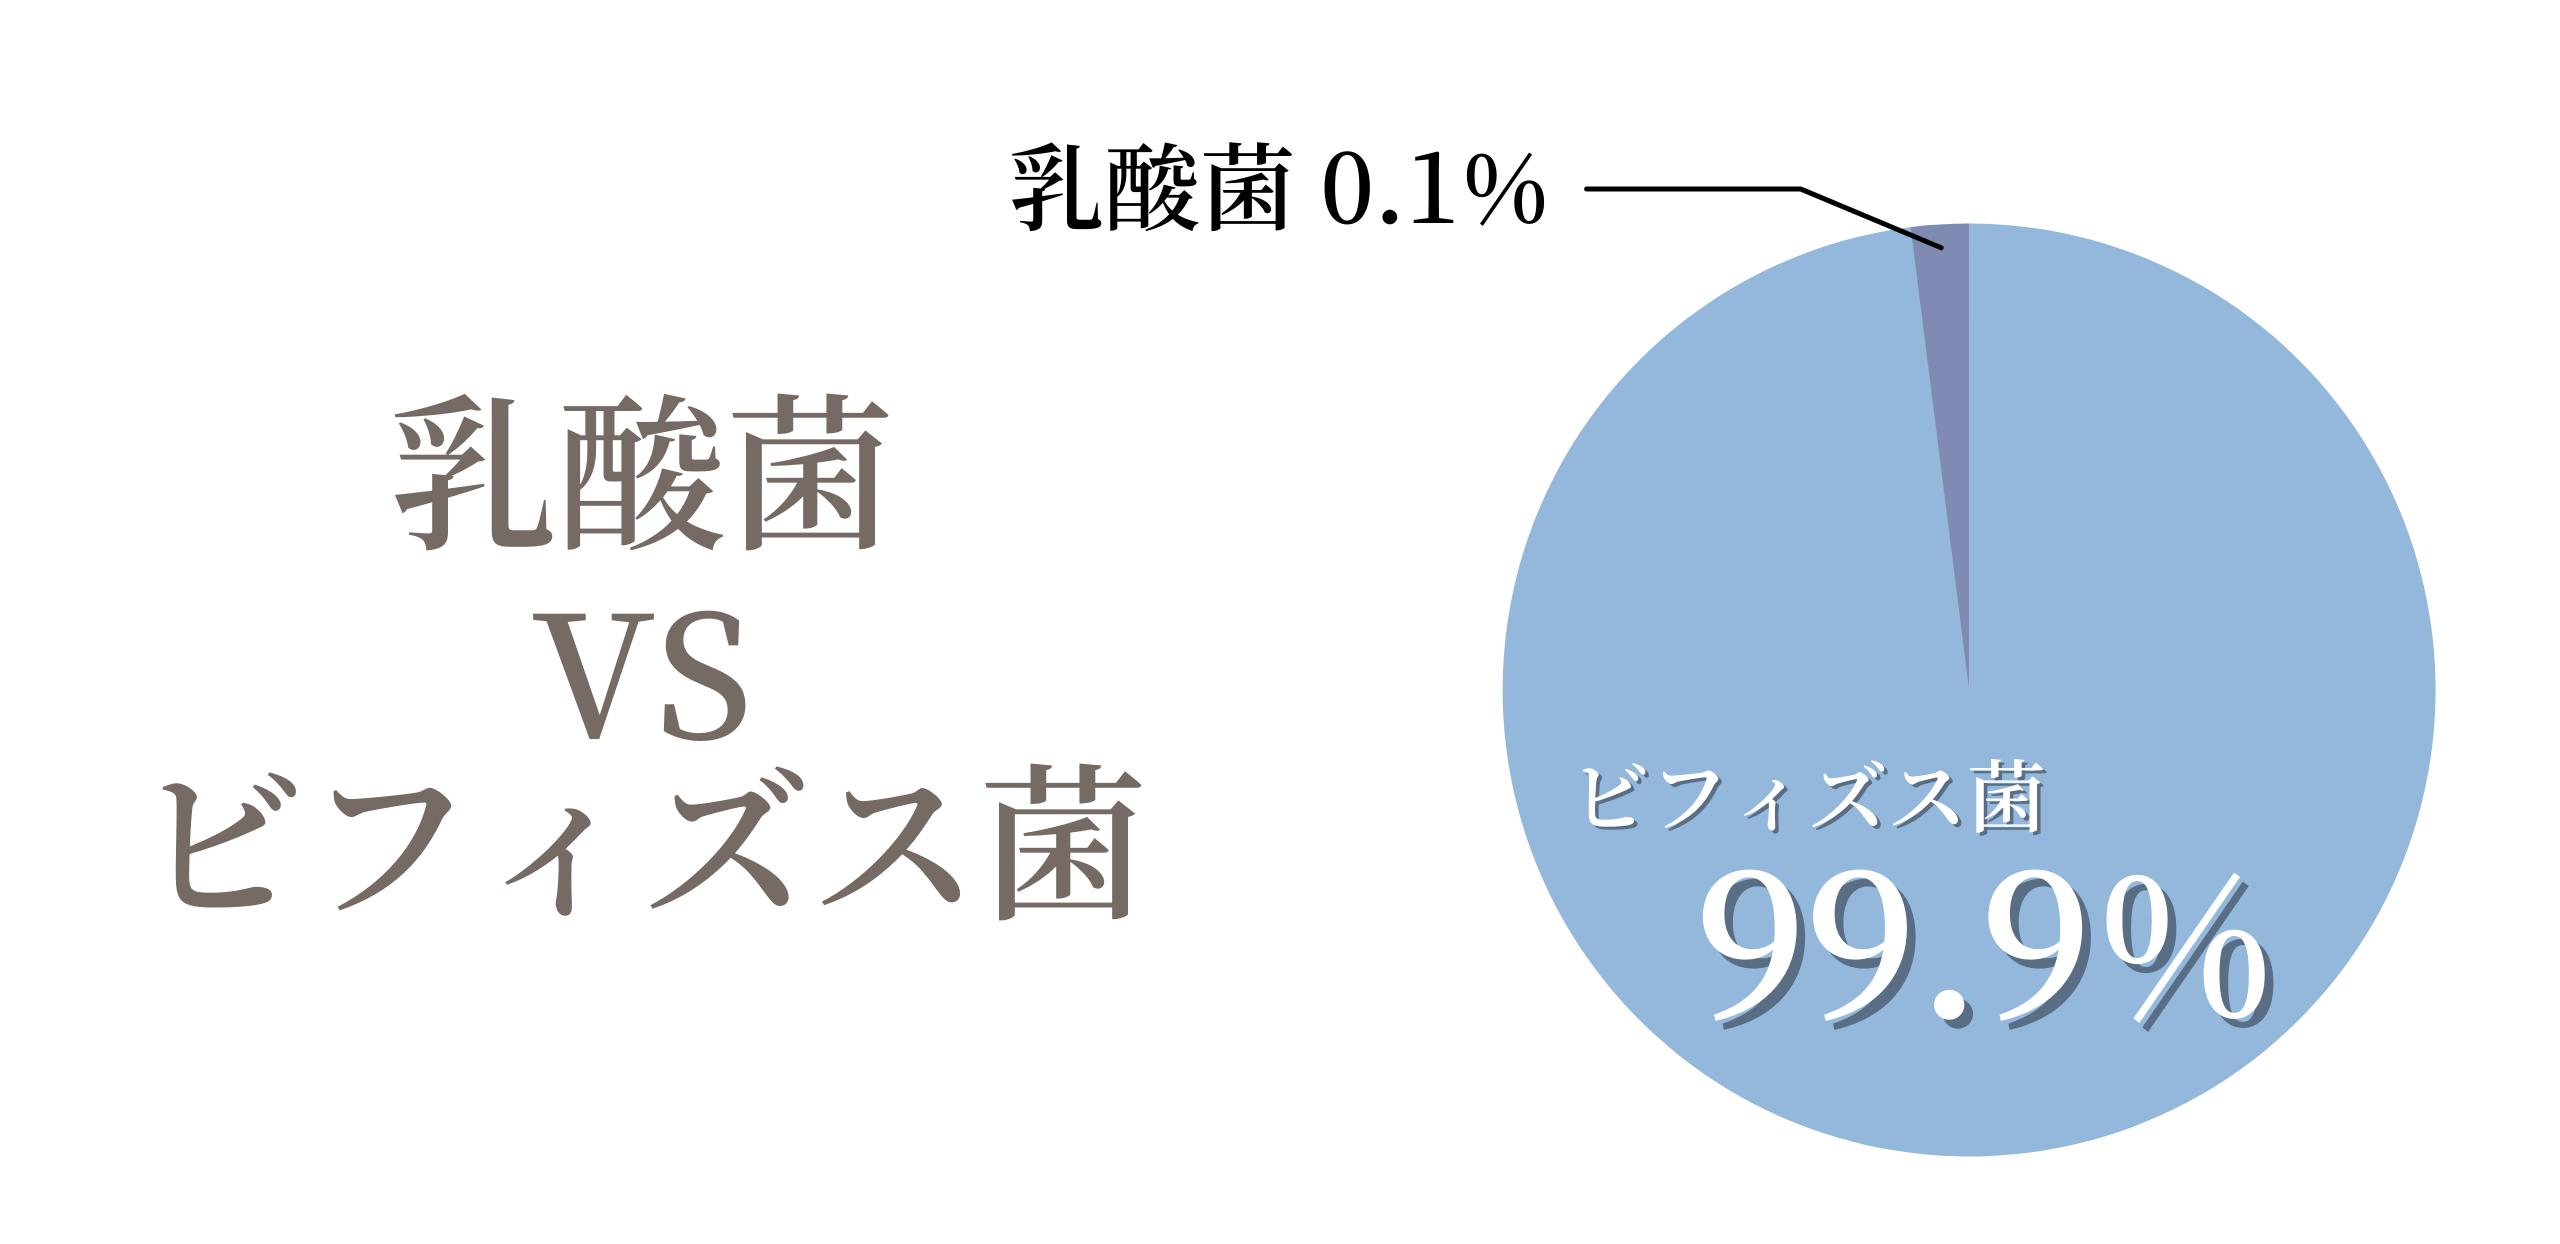 乳酸菌とビフィズス菌の割合